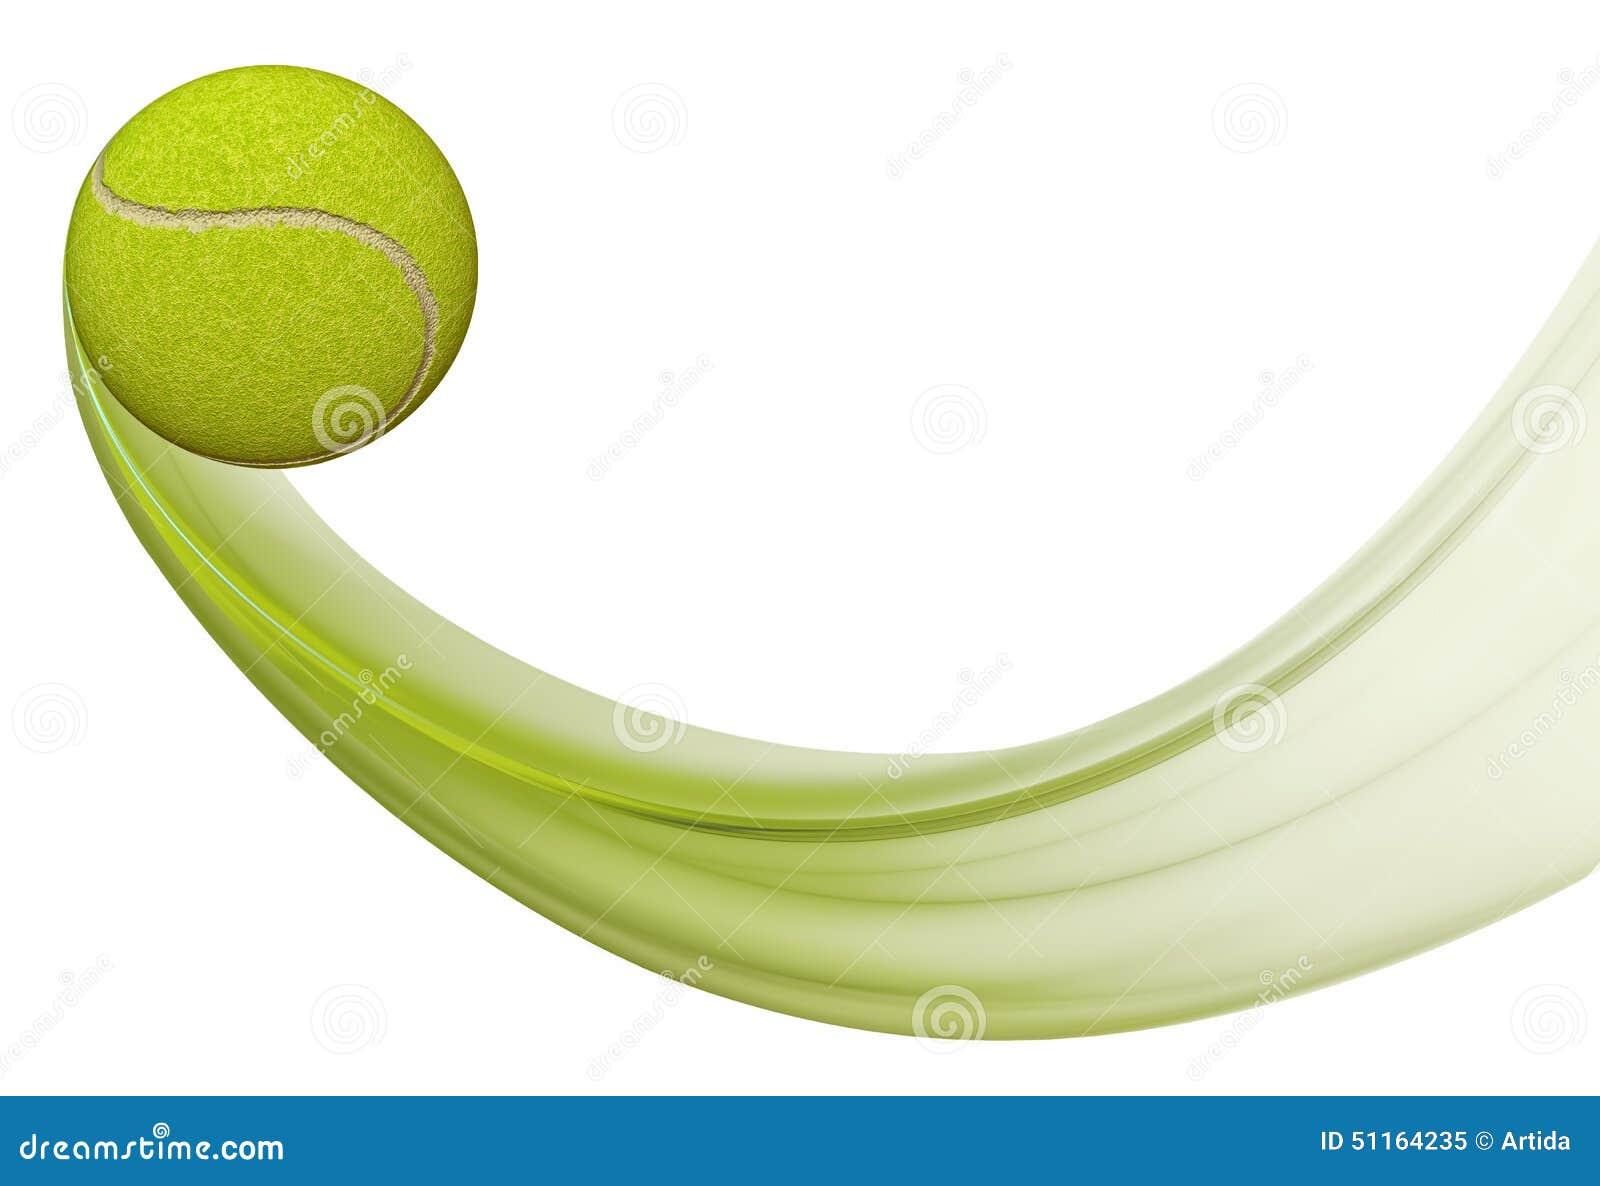 Tenis pelota stock de ilustracion ilustracion libre de stock de - Vuelo De La Pelota De Tenis Ejemplo De La Pelota De Tenis En El Movimiento